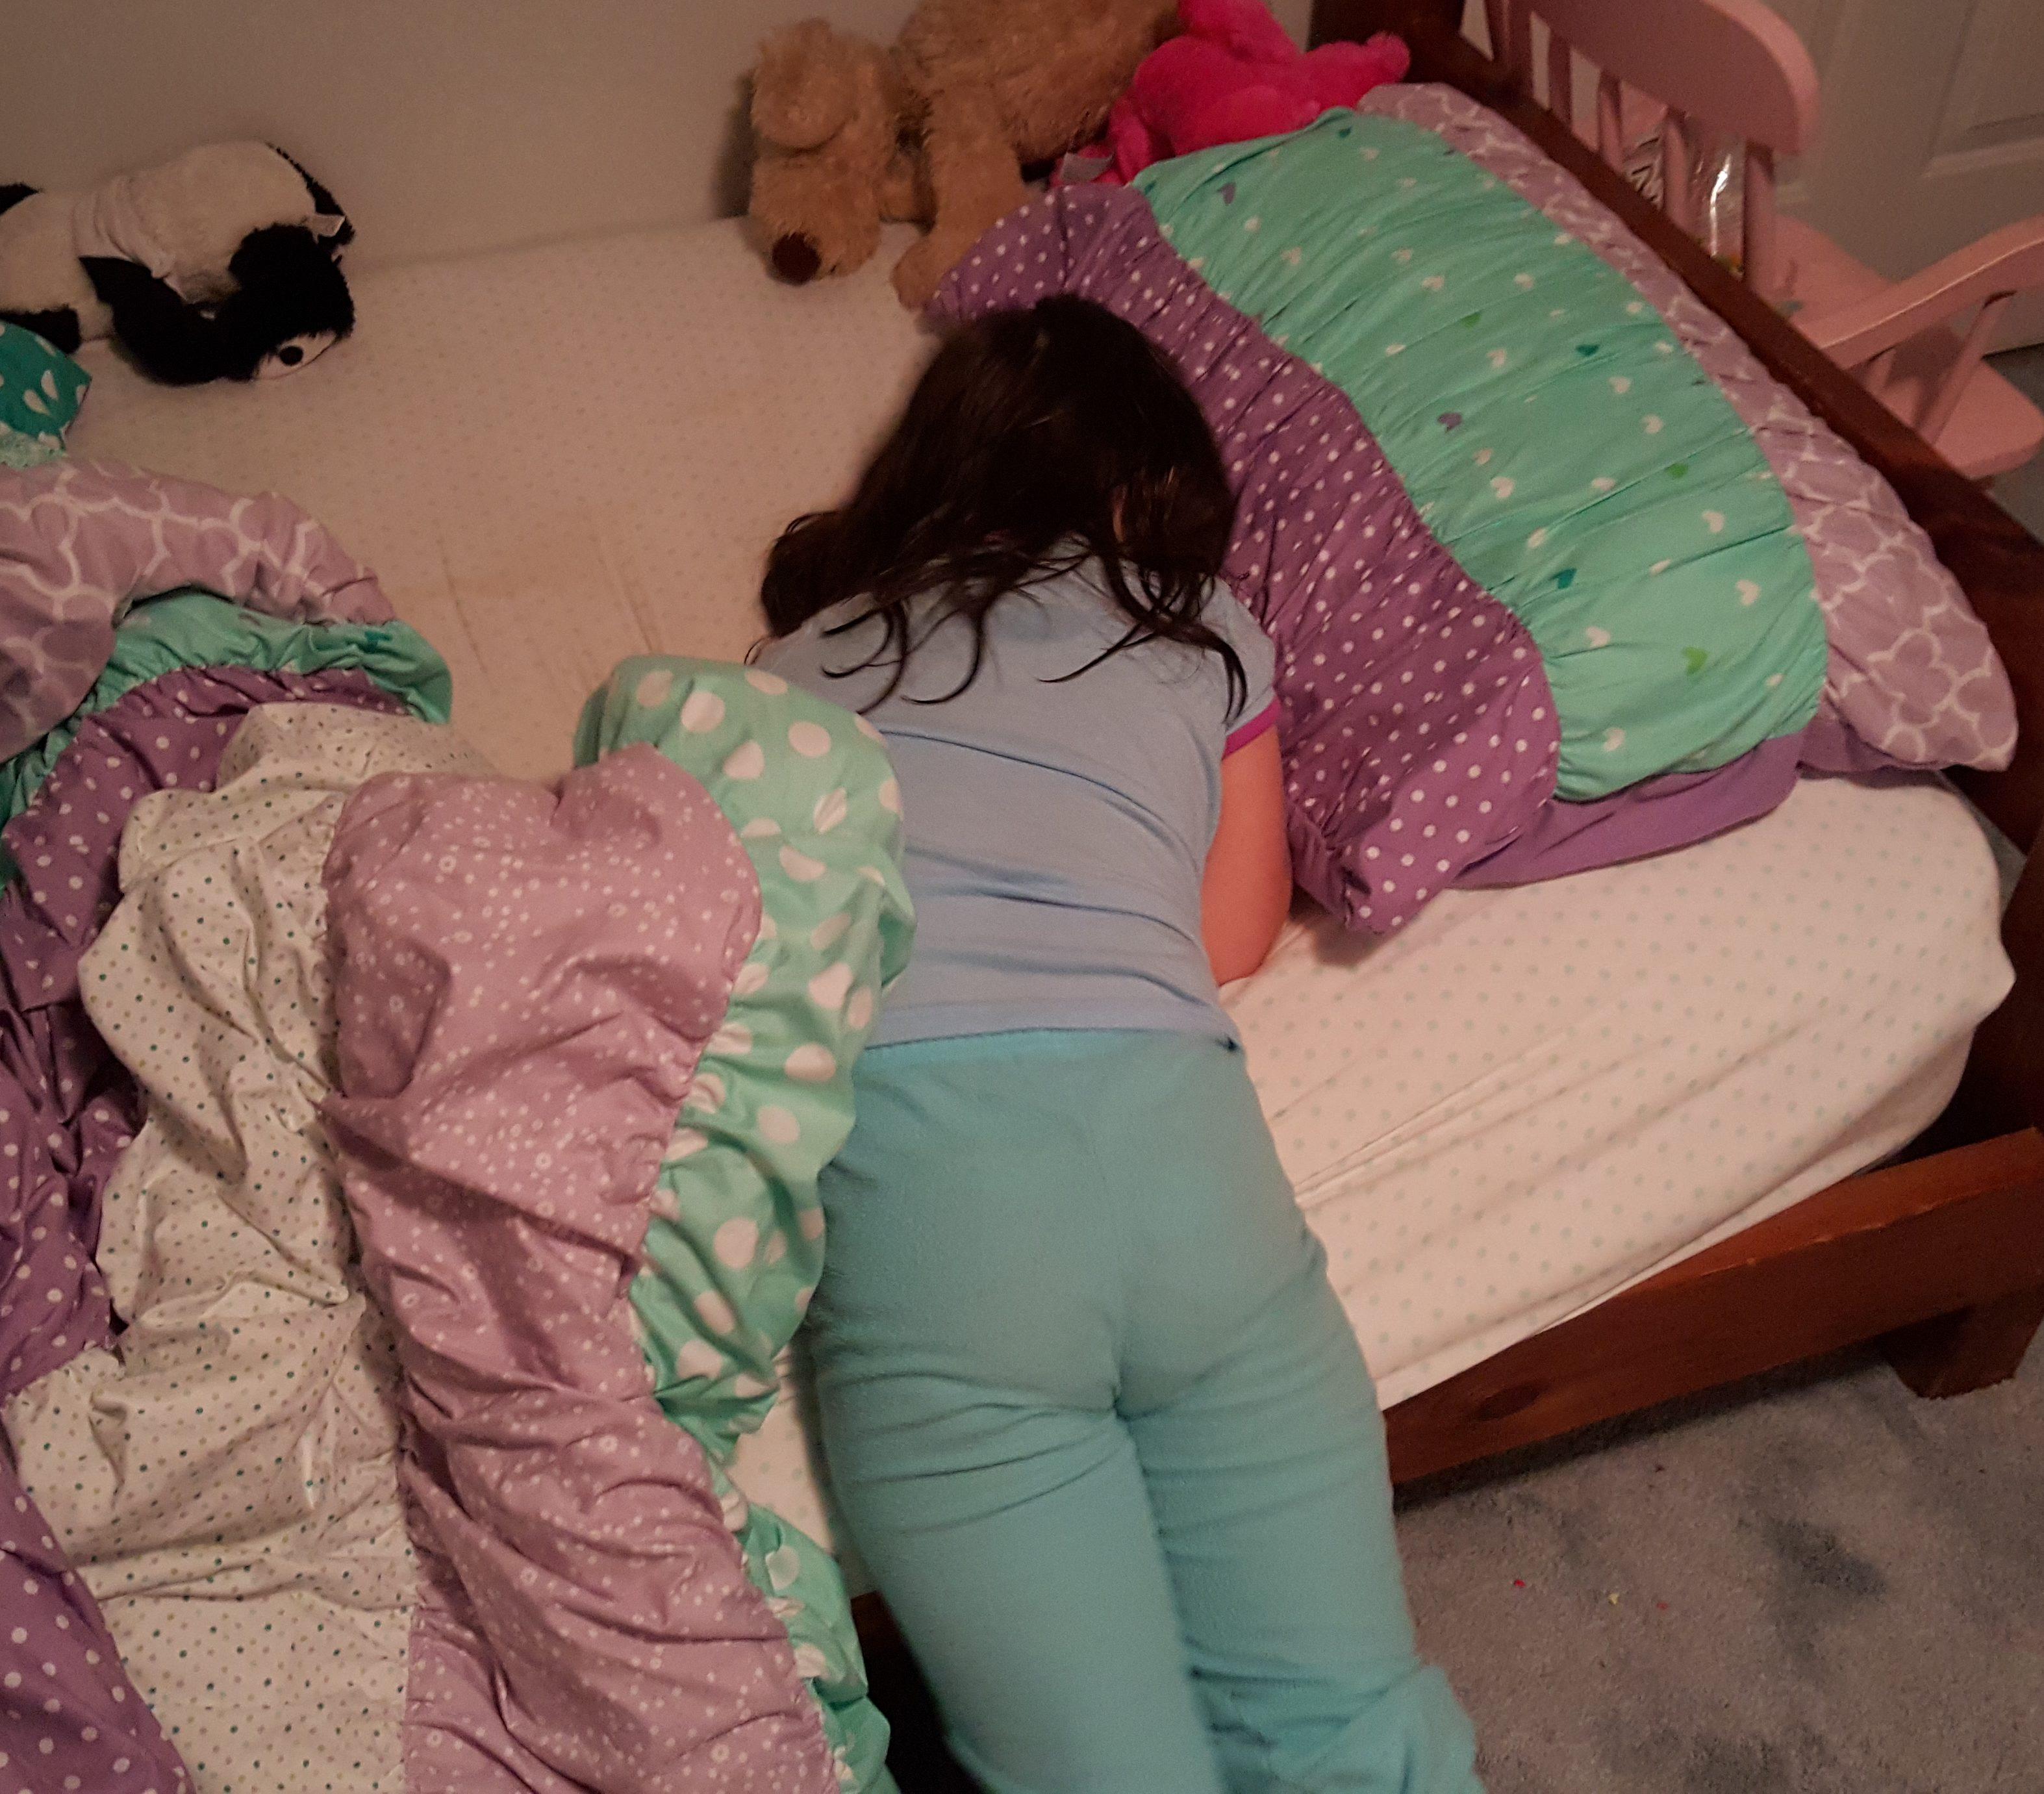 Sleeping teen anal